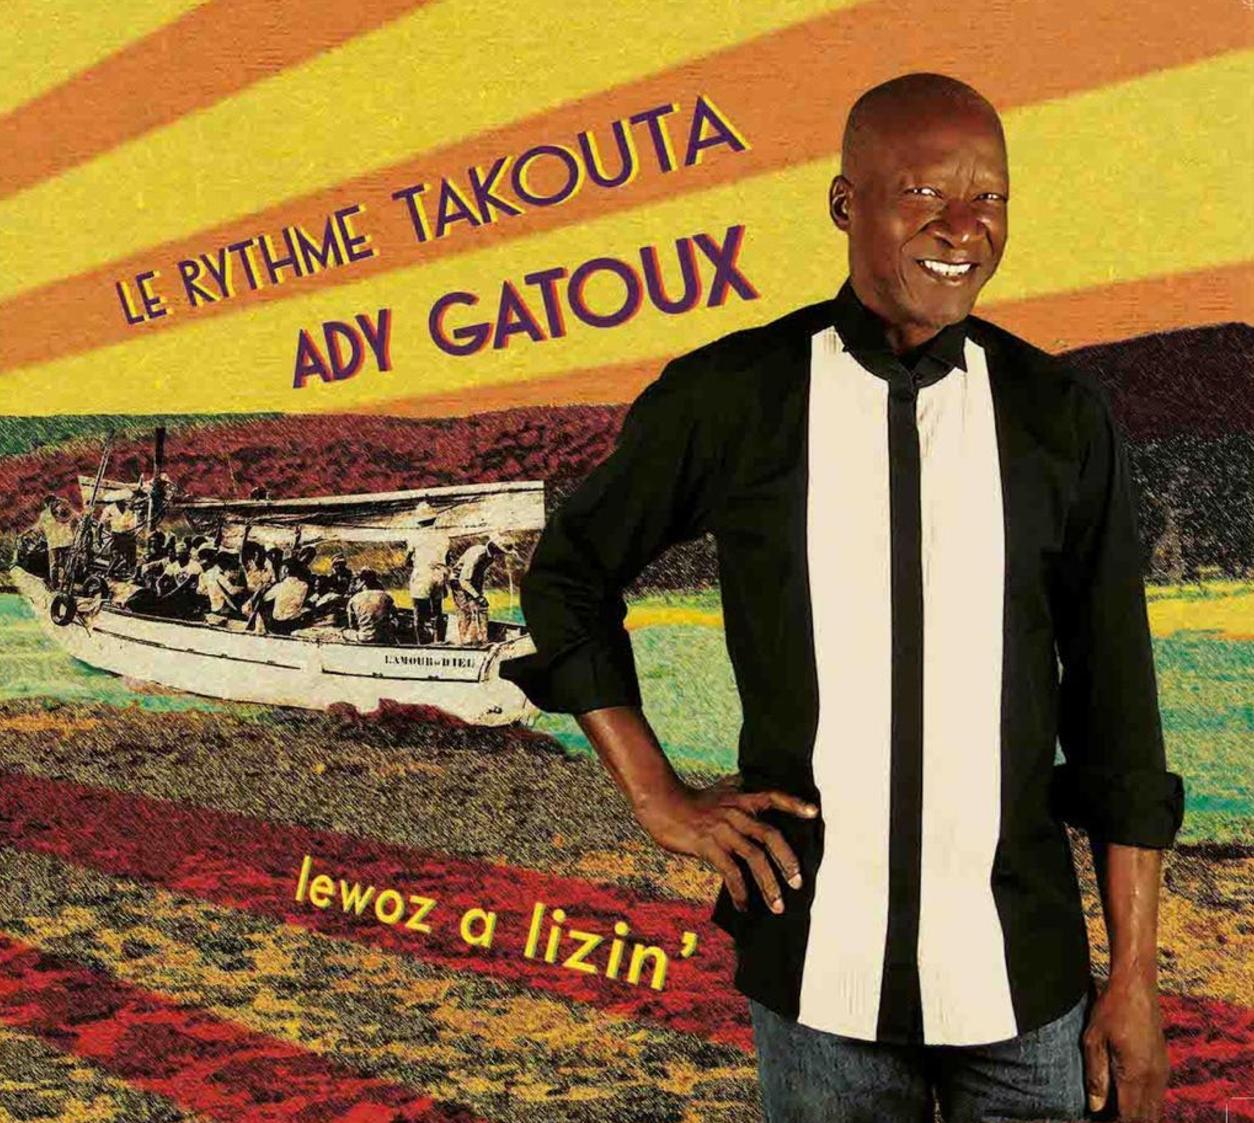 Ady Gatoux 1